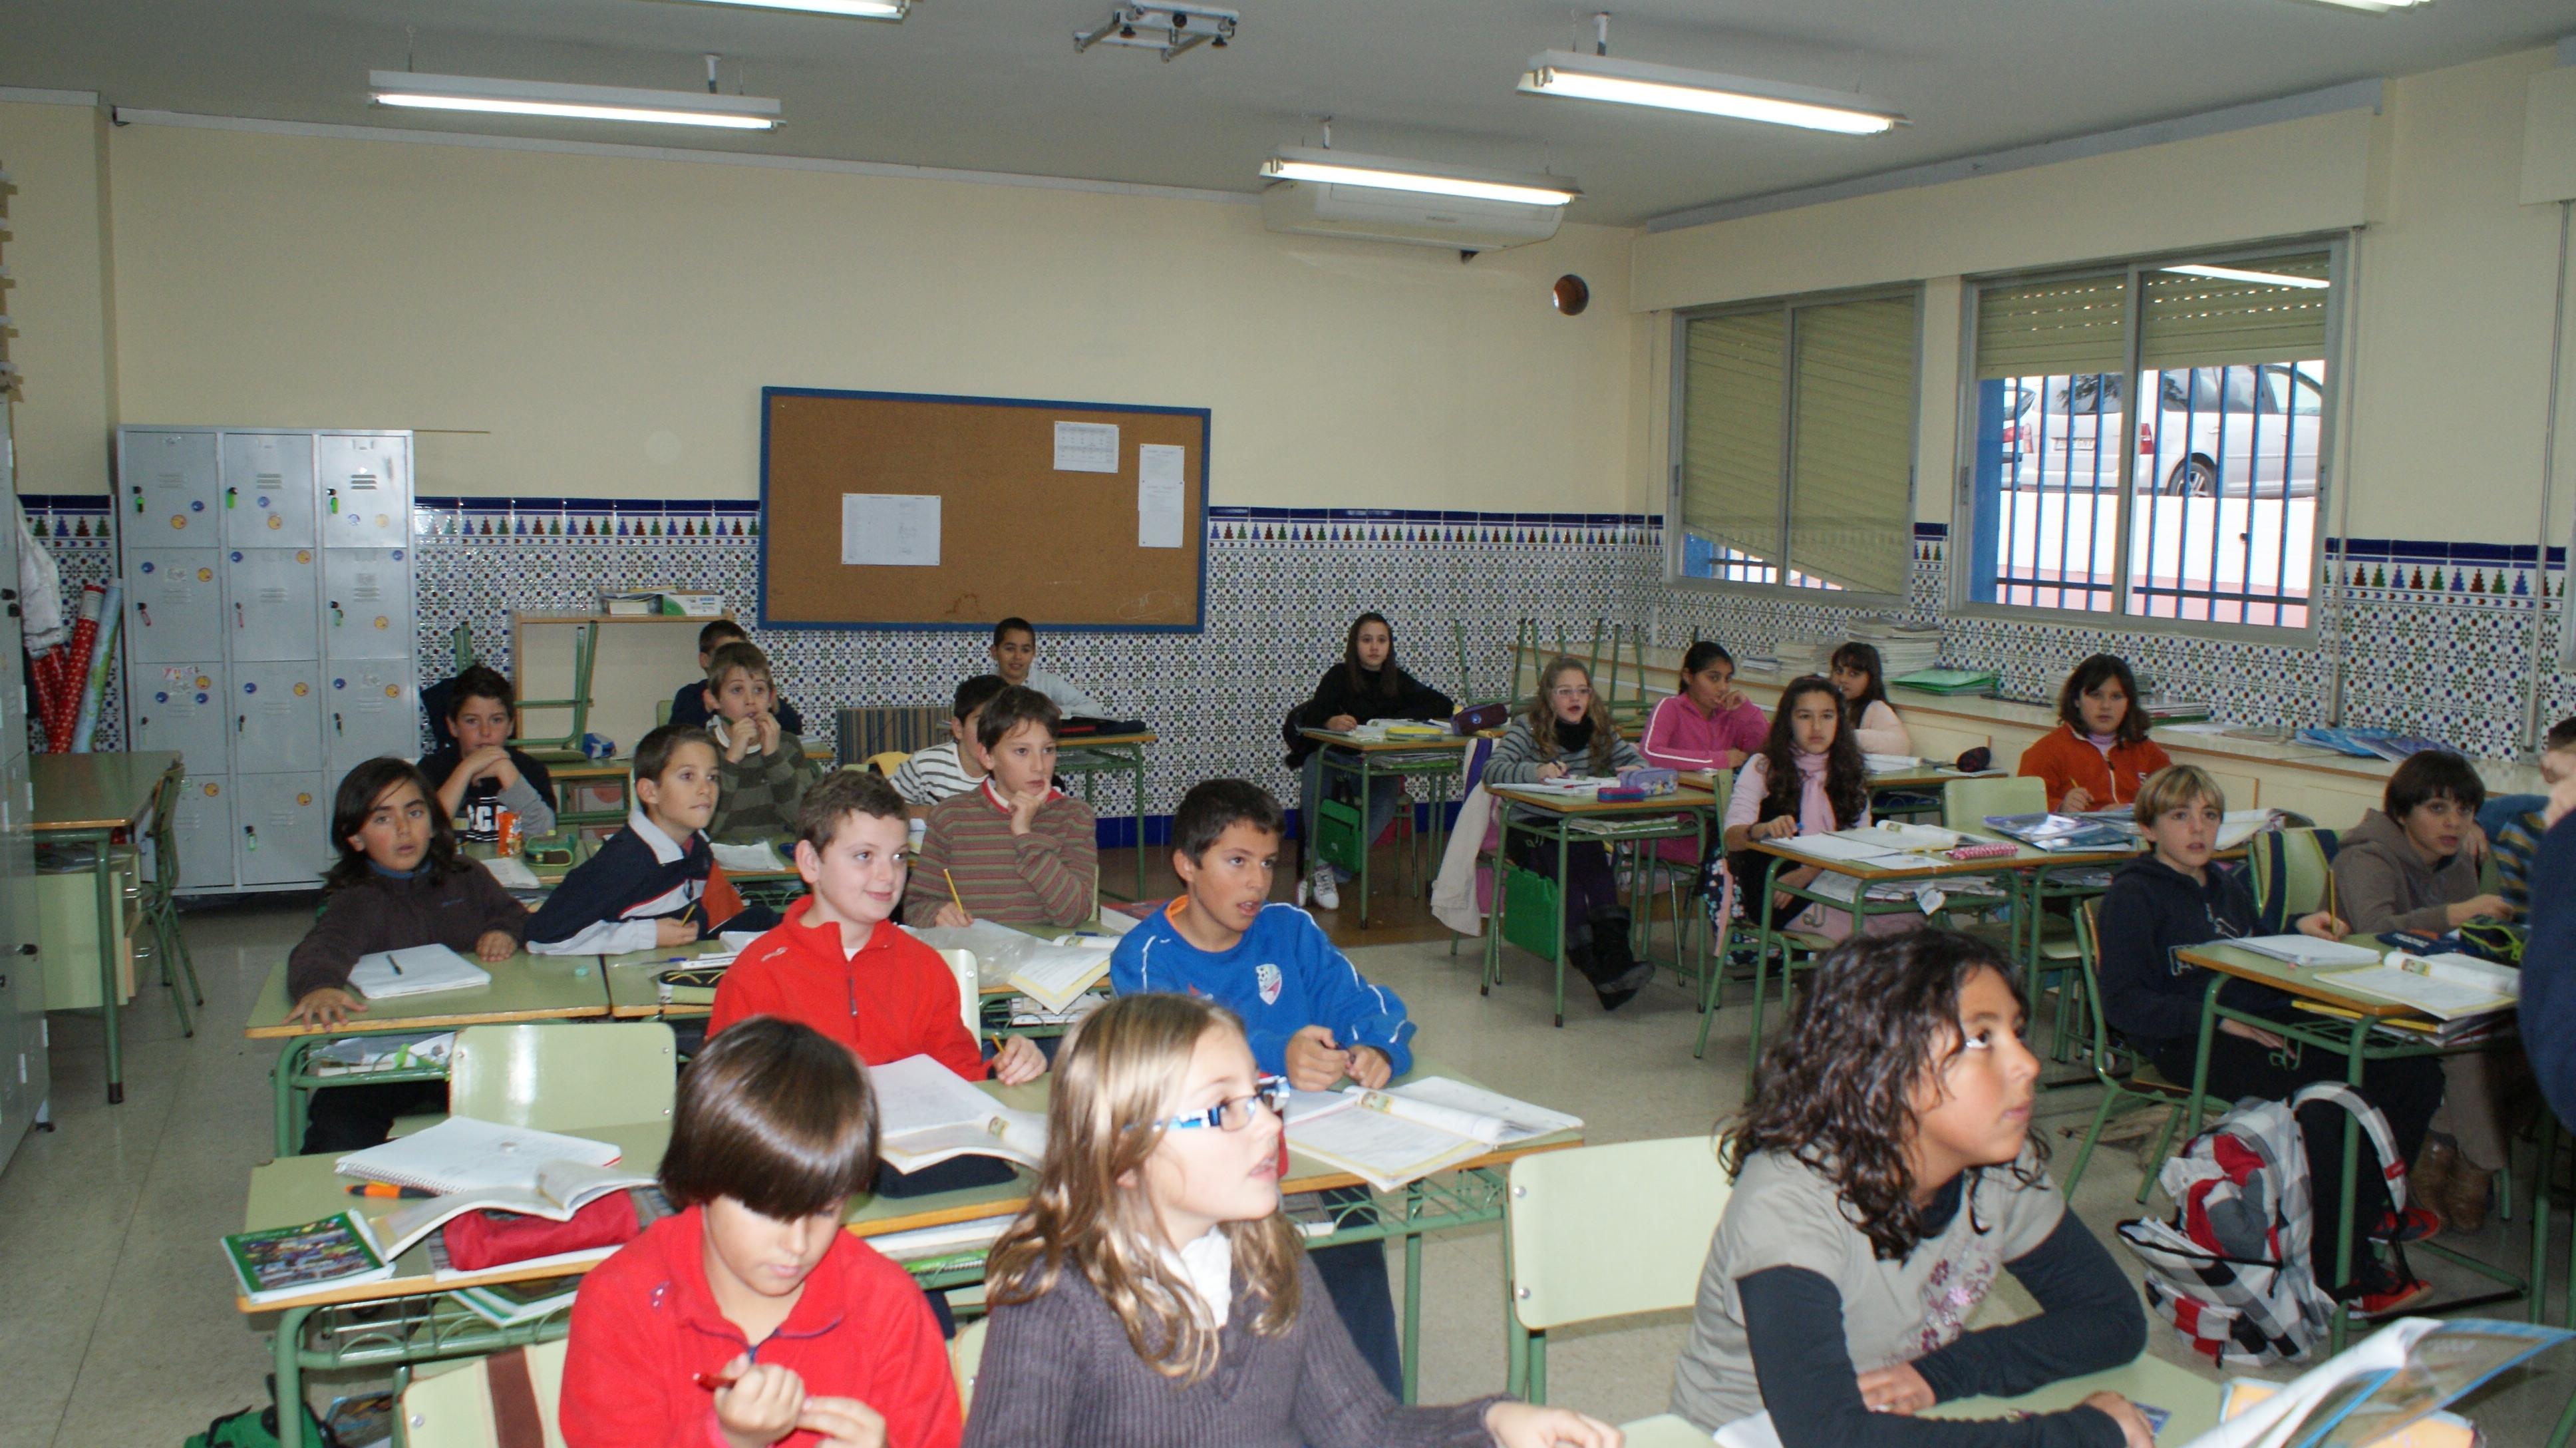 aula de primaria (aula primaria.JPG)